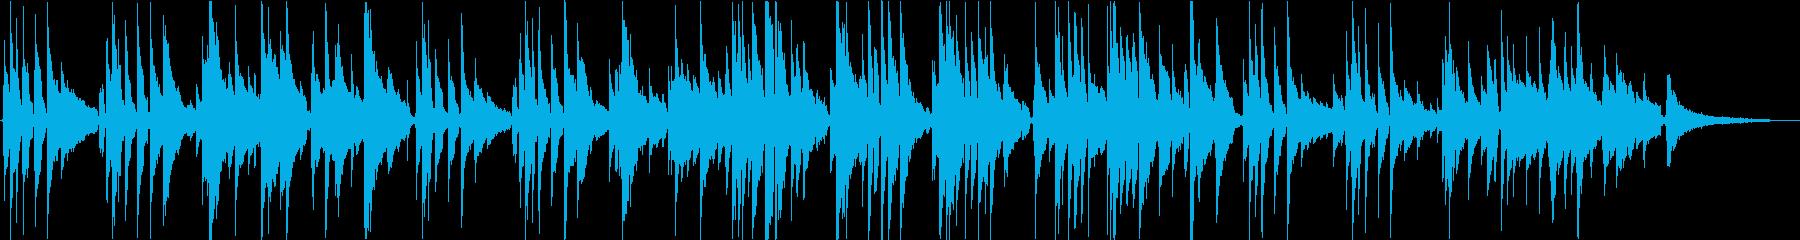 ノスタルジックな優しい曲の再生済みの波形